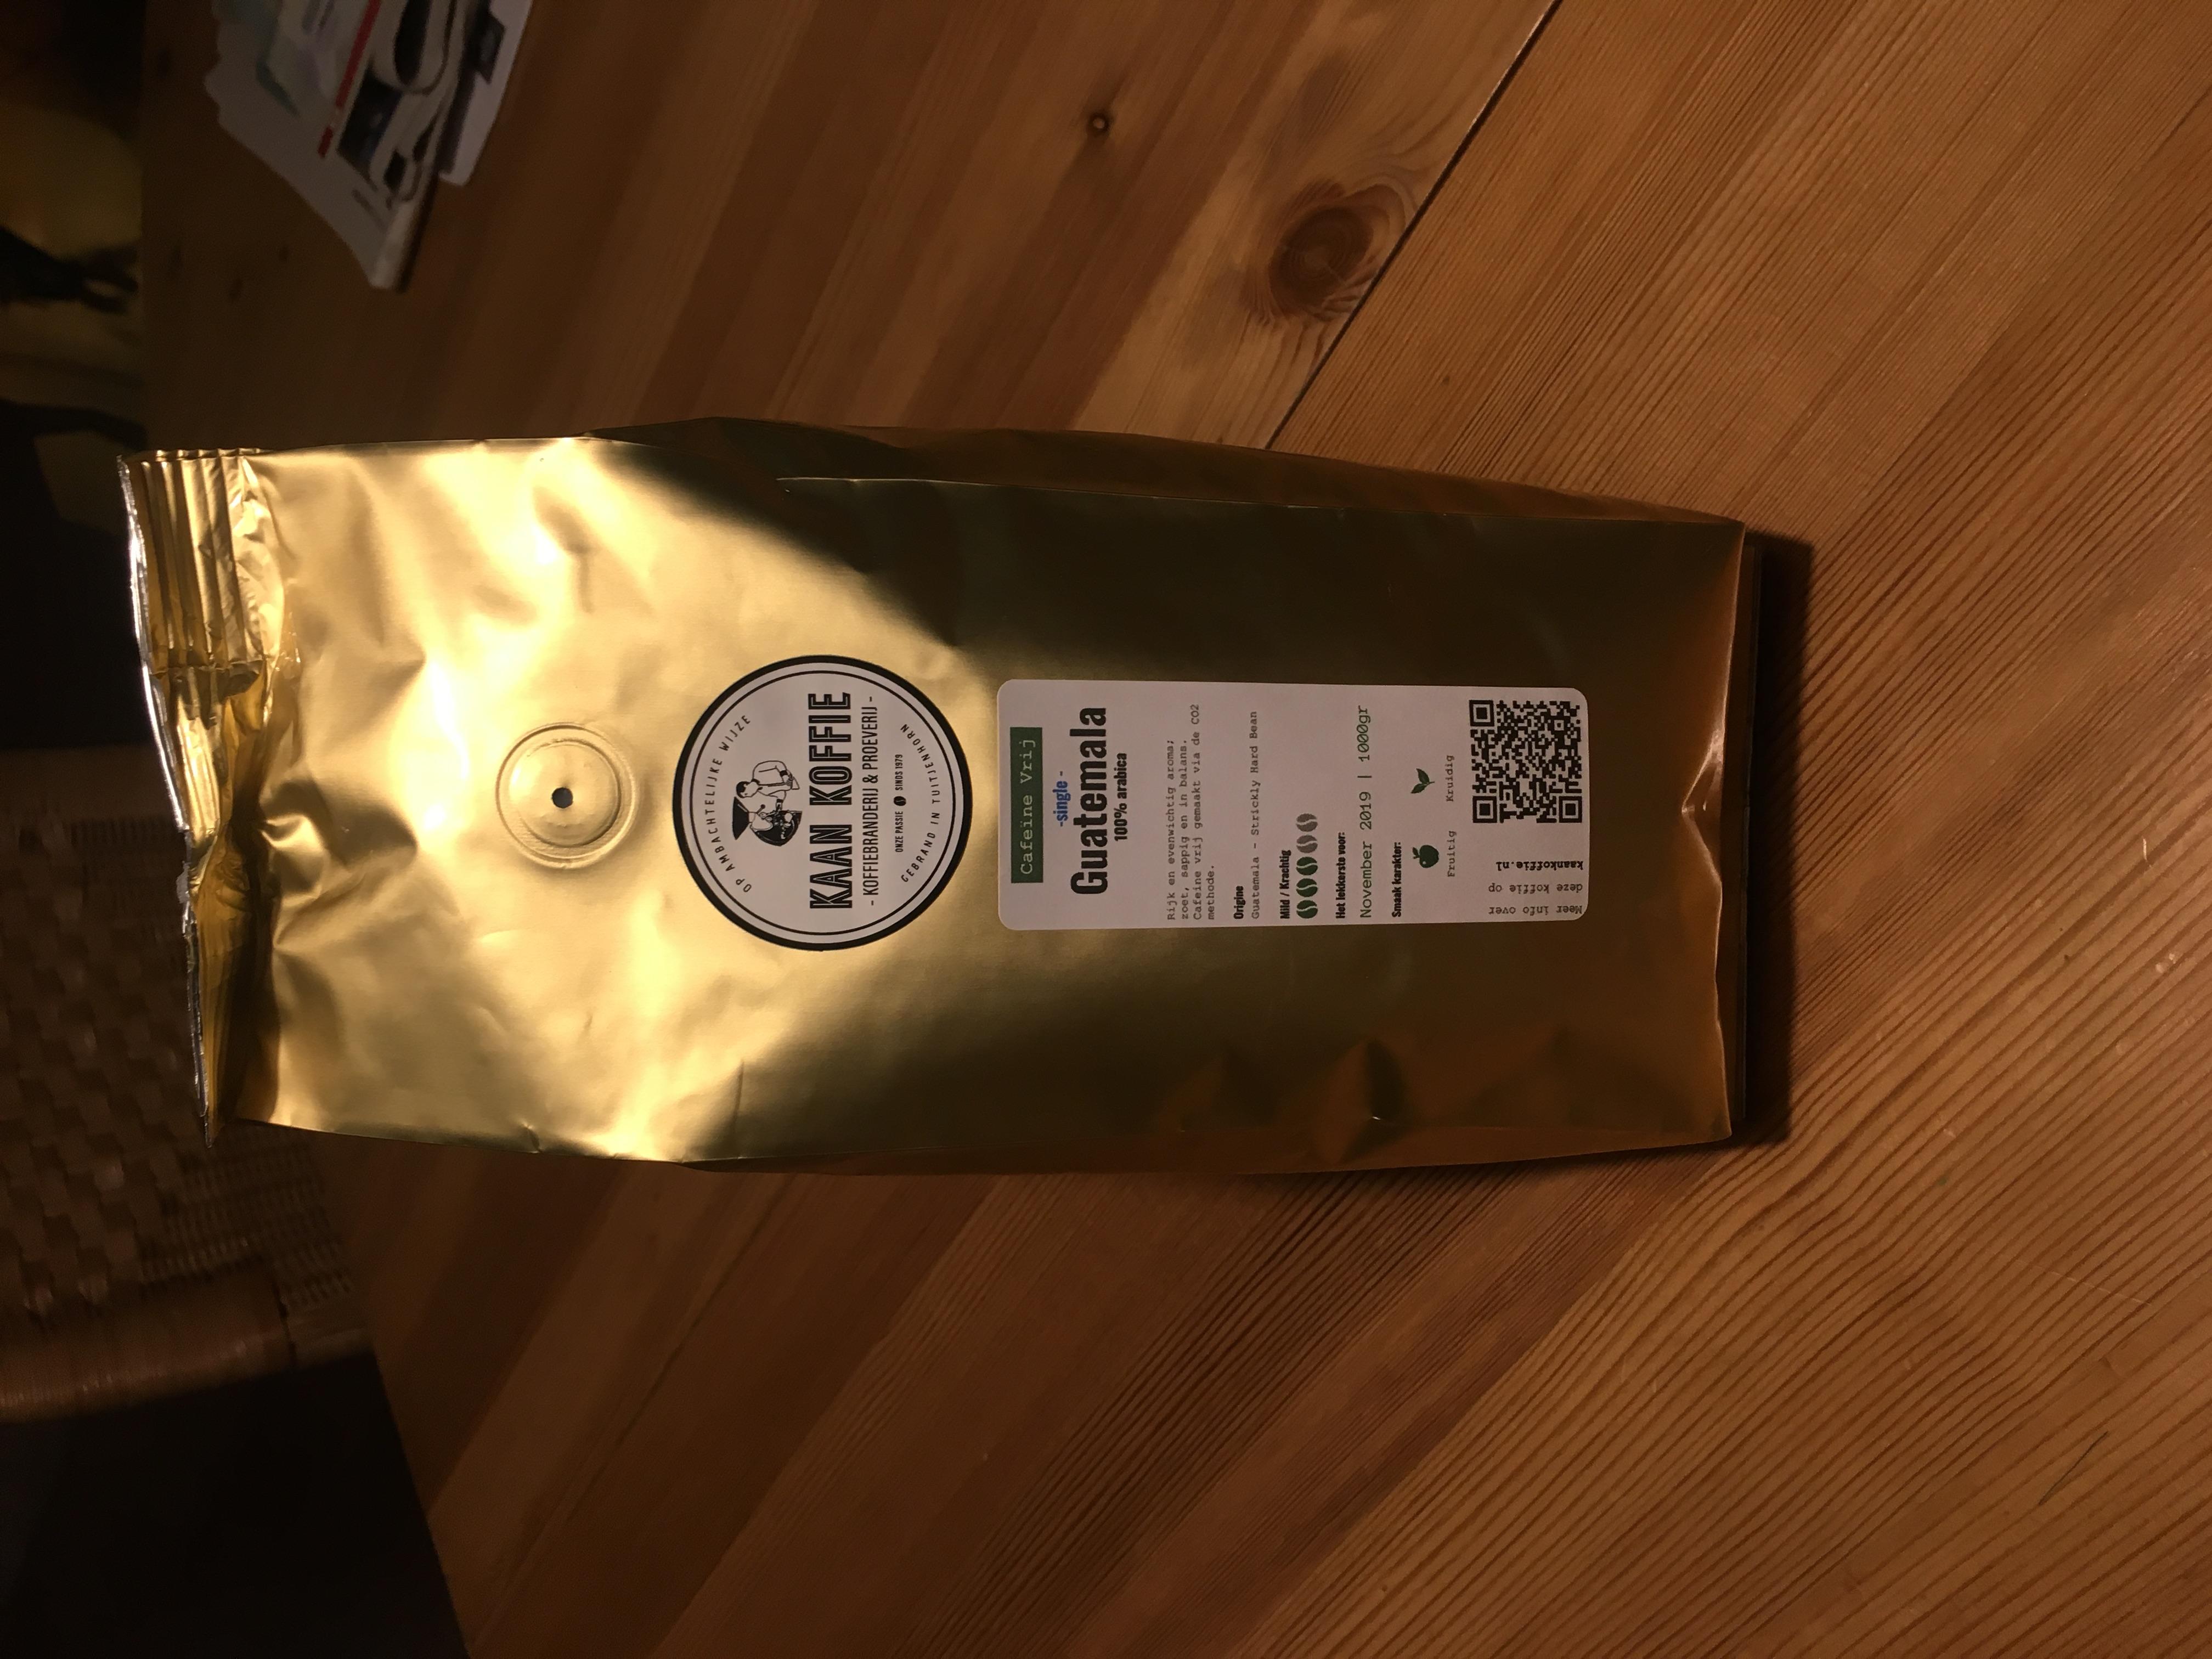 Koffie zakjes in een nieuw jasje